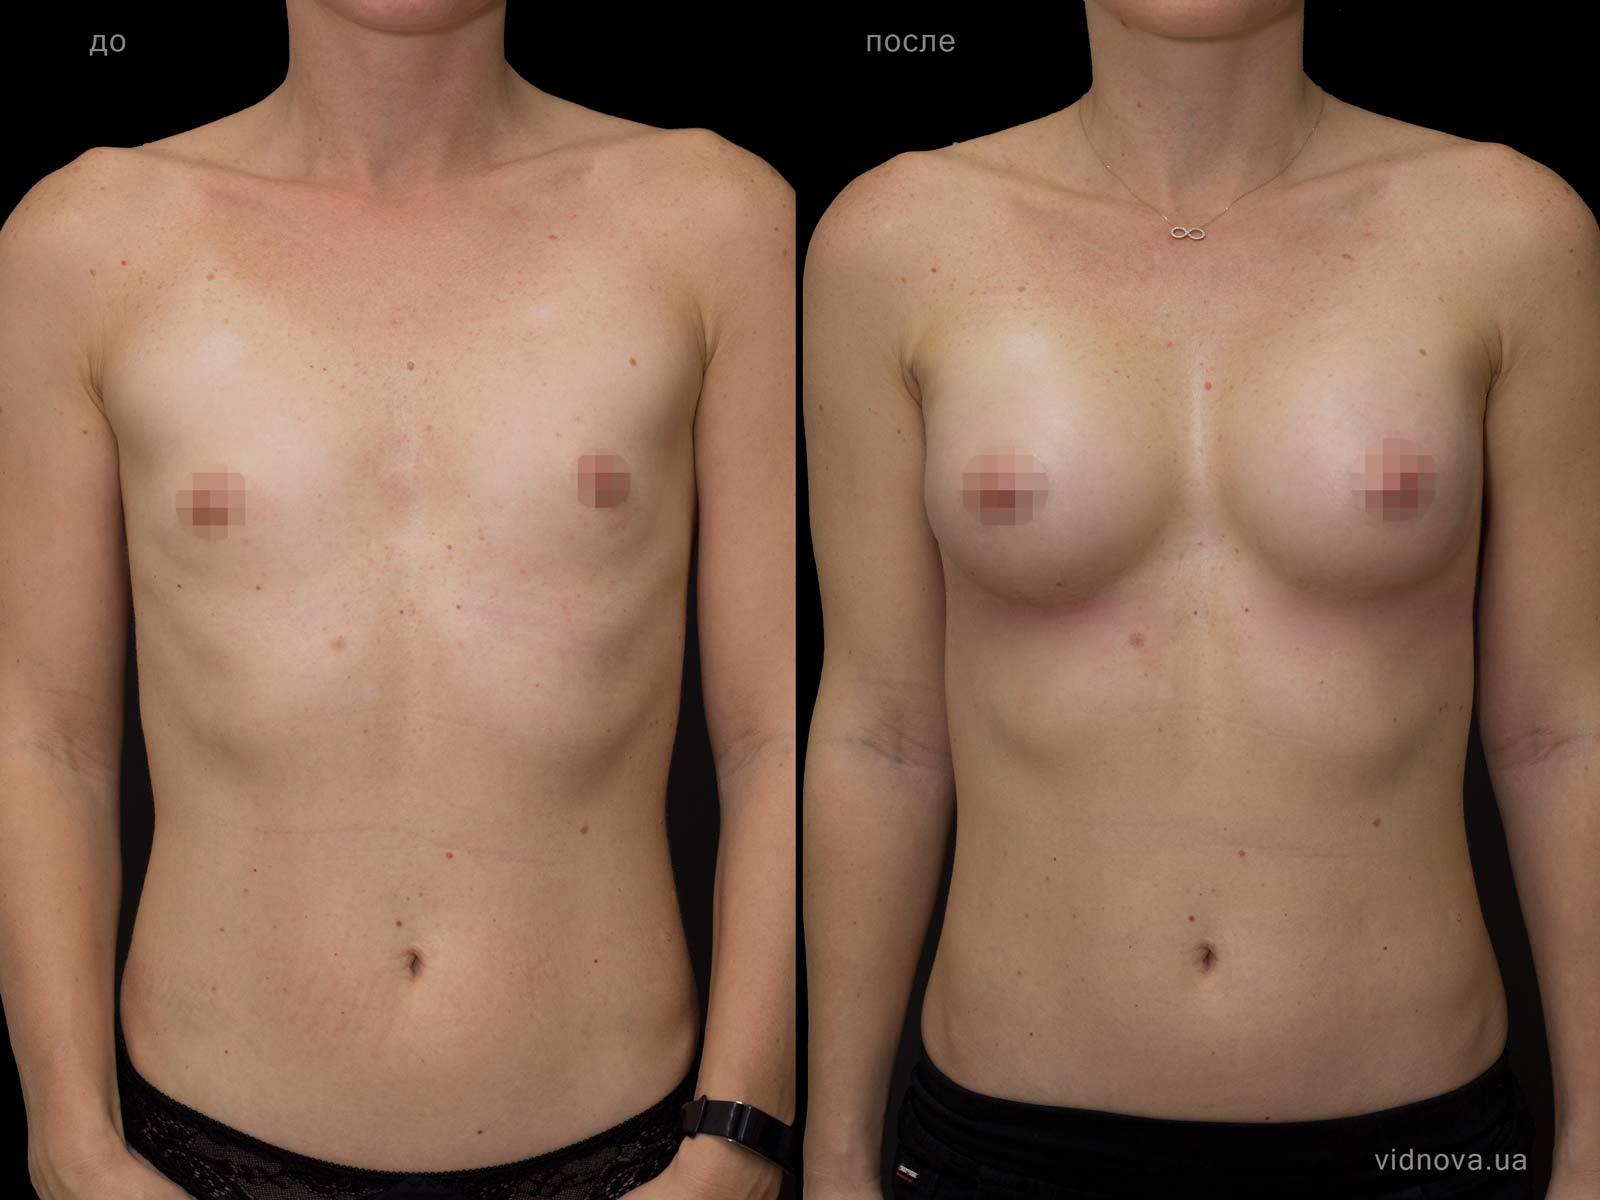 Пластика груди: результаты до и после - Пример №70-0 - Светлана Работенко